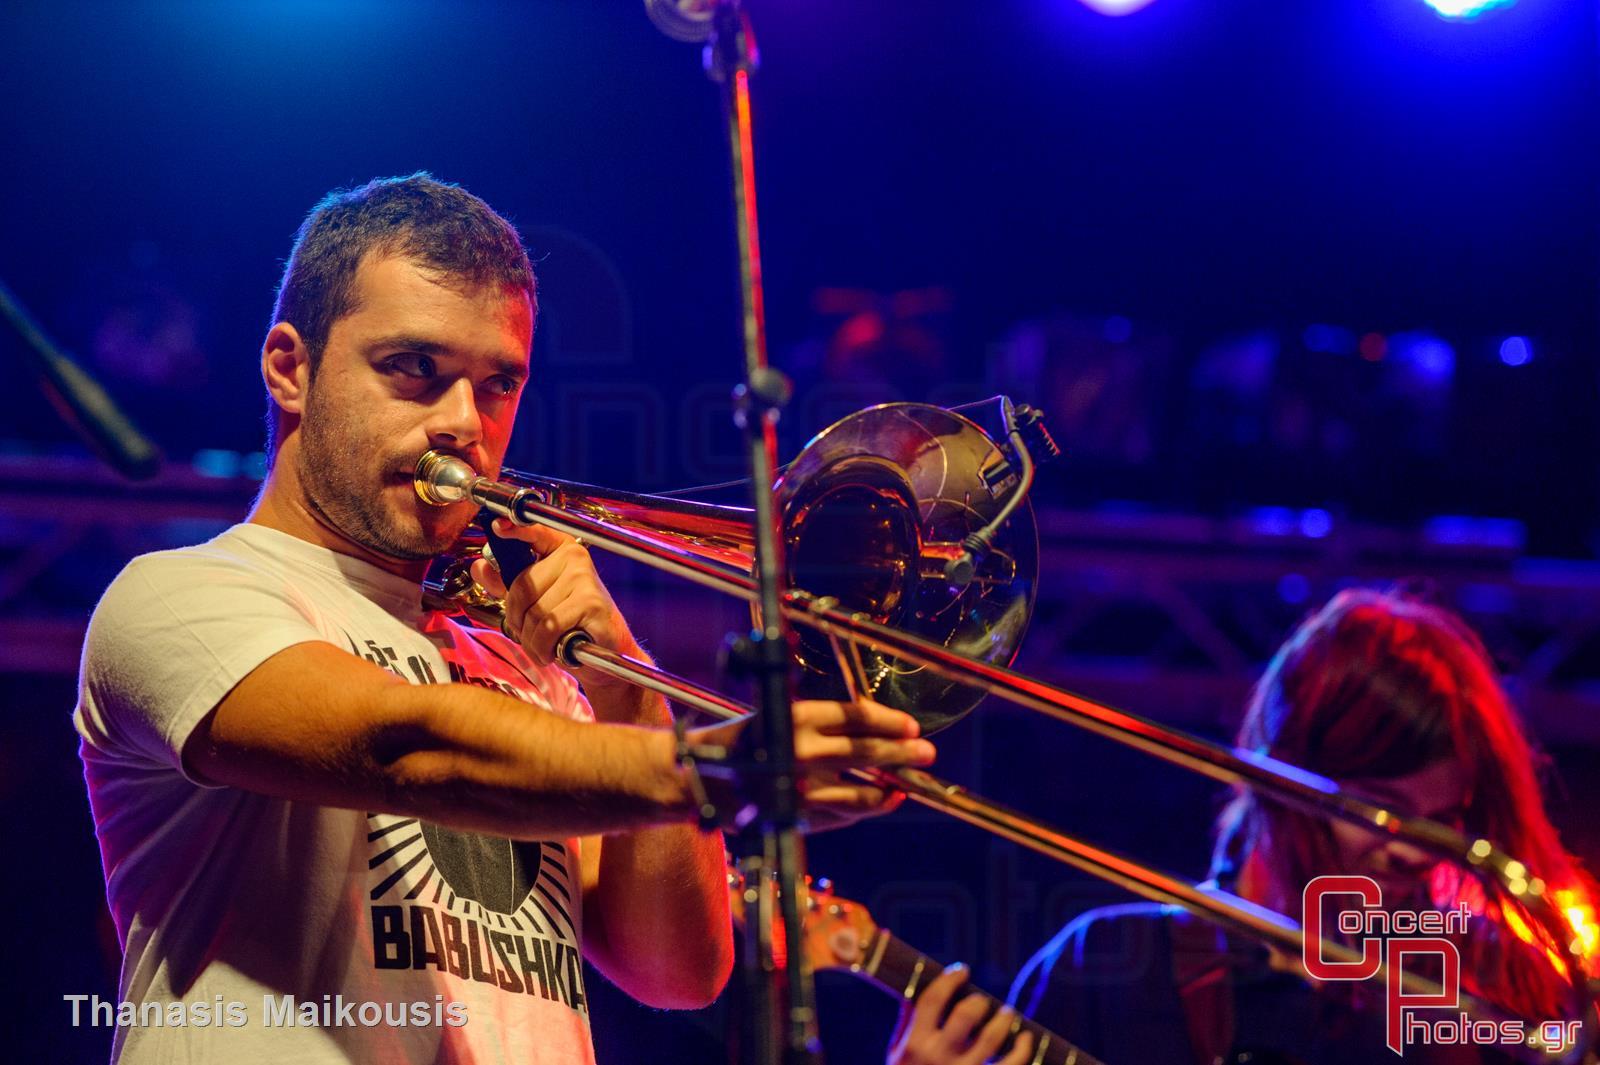 Locomondo-Locomondo 2013 Bolivar photographer: Thanasis Maikousis - concertphotos_-6031